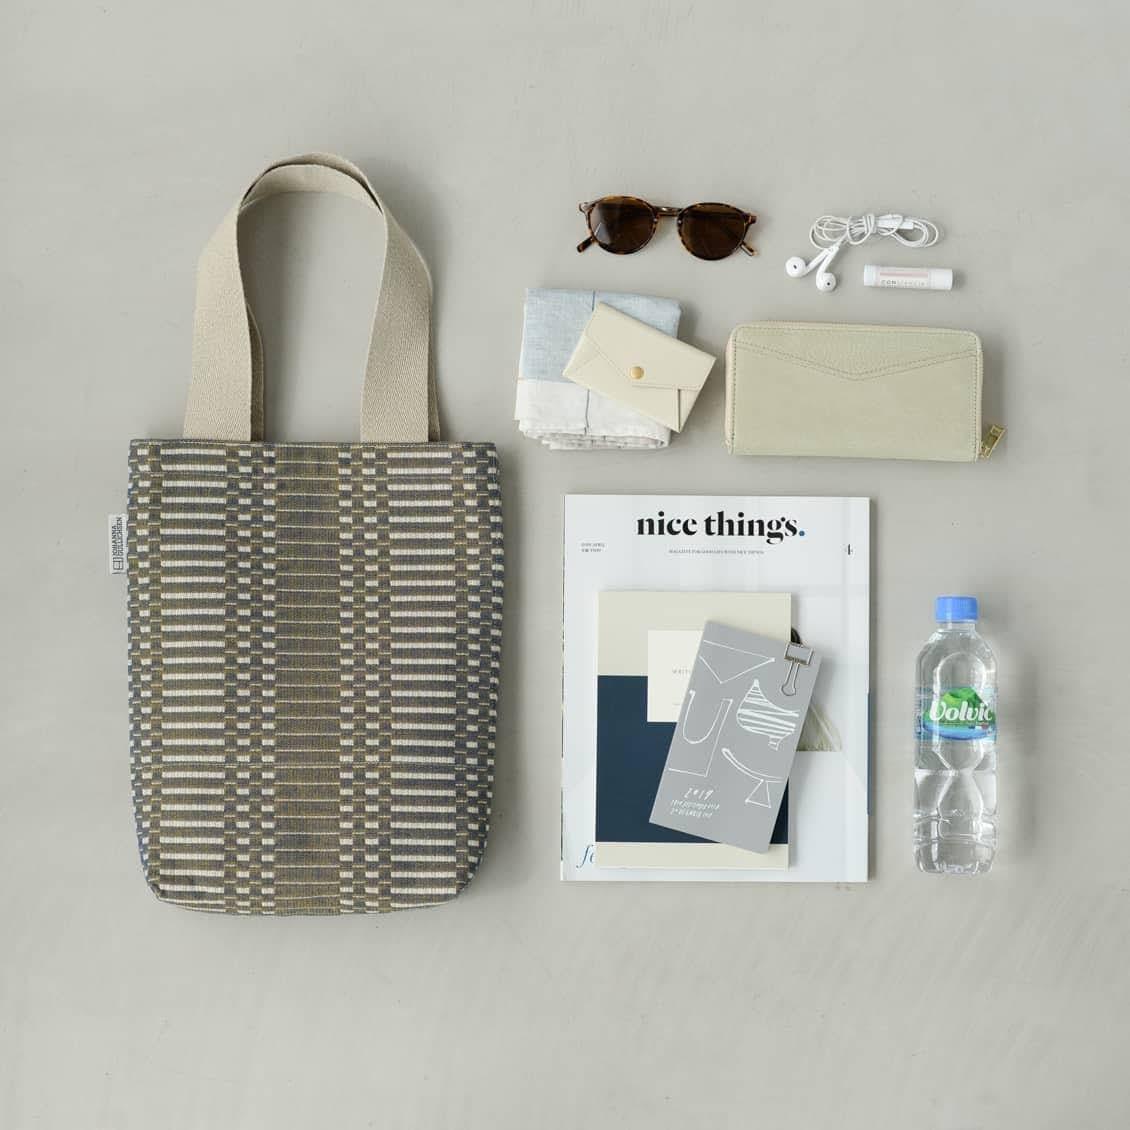 【新商品】あの「ヨハンナ・グリクセン」のバッグに、新シリーズが仲間入りです♪